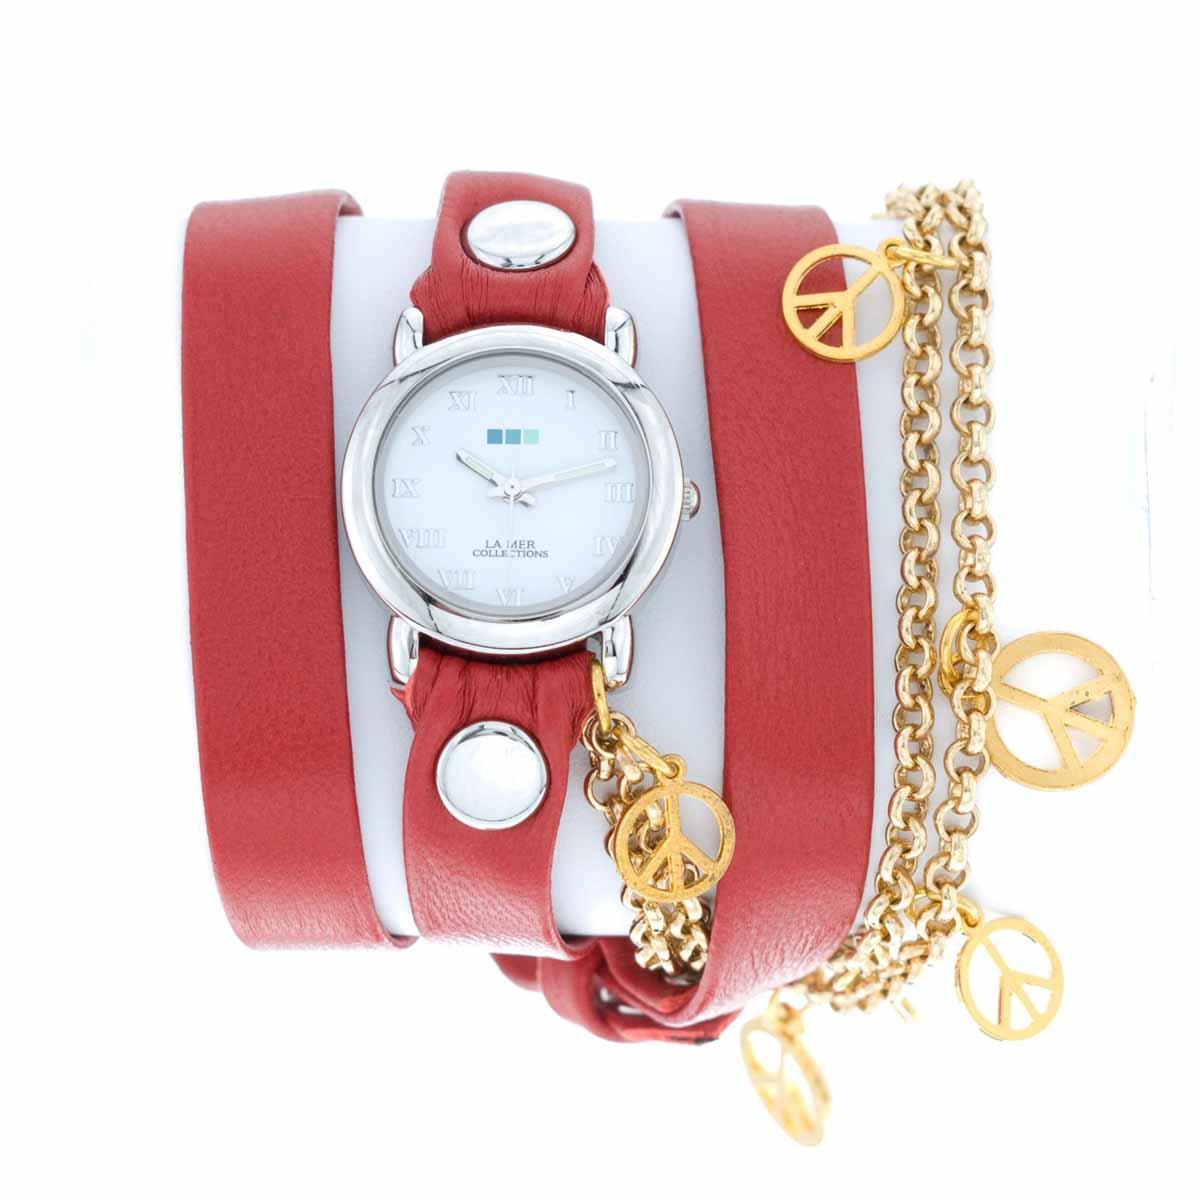 Часы наручные женские La Mer Collections Charm Peace Gold Red. LMCW1005-RLMCW1005-RЧасы оснащены японским кварцевым механизмом. Корпус прямоугольной формы выполнен из нержавеющей стали серебристого цвета. Оригинальный кожаный ремешок красного цвета отделан металлическими клепками и дополнен связкой цепочек с декоративными элементами. Каждая модель женских наручных часов La Mer Collections имеет эксклюзивный дизайн, в основу которого положено необычное сочетание классических циферблатов с удлиненными кожаными ремешками. Оборачиваясь вокруг запястья несколько раз, они образуют эффект кожаного браслета, превращая часы в женственный аксессуар, который великолепно дополнит другие аксессуары и весь образ в целом. Дизайн La Mer Collections отвечает всем последним тенденциям моды и превосходно сочетается с модными сумками, ремнями, обувью и другими элементами гардероба современных девушек. Часы La Mer - это еще и отличный подарок любимой девушке, сестре или подруге на день рождения, восьмое марта или новый год!